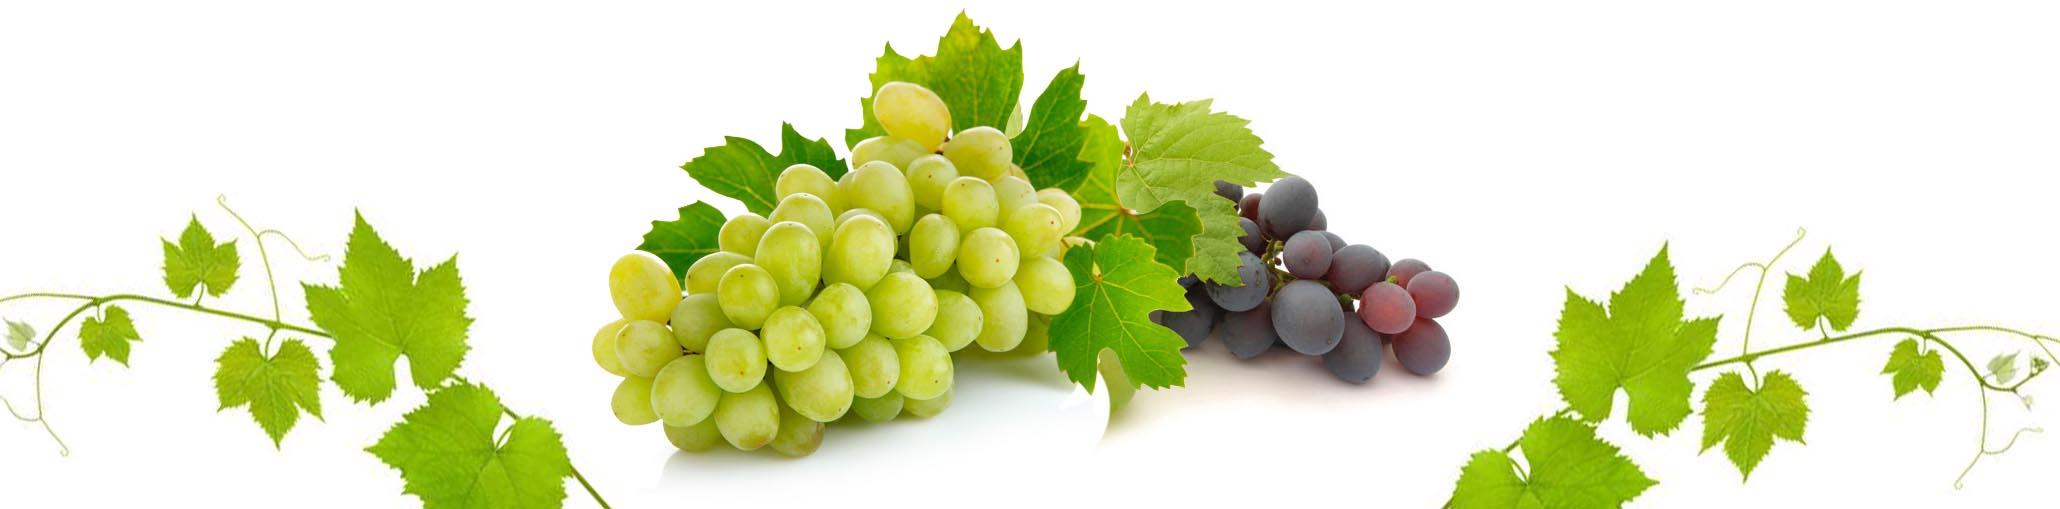 vinograd-